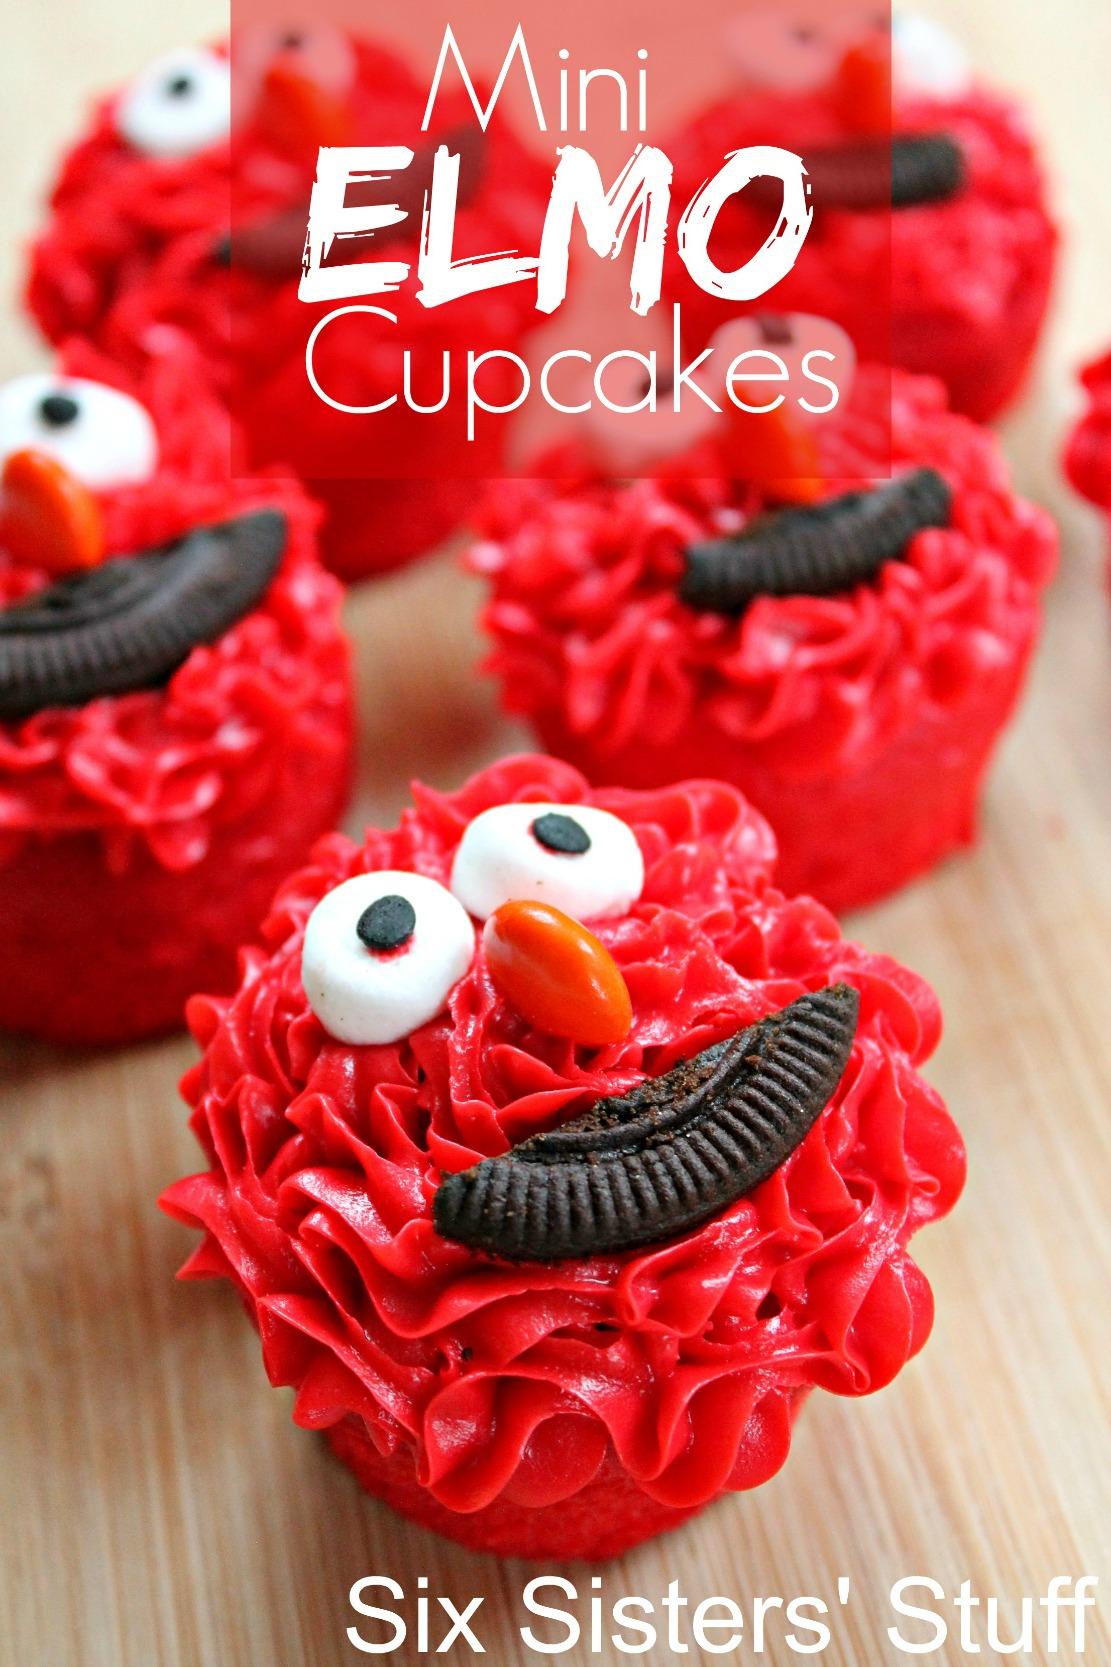 Mini Elmo Cupcakes Recipe